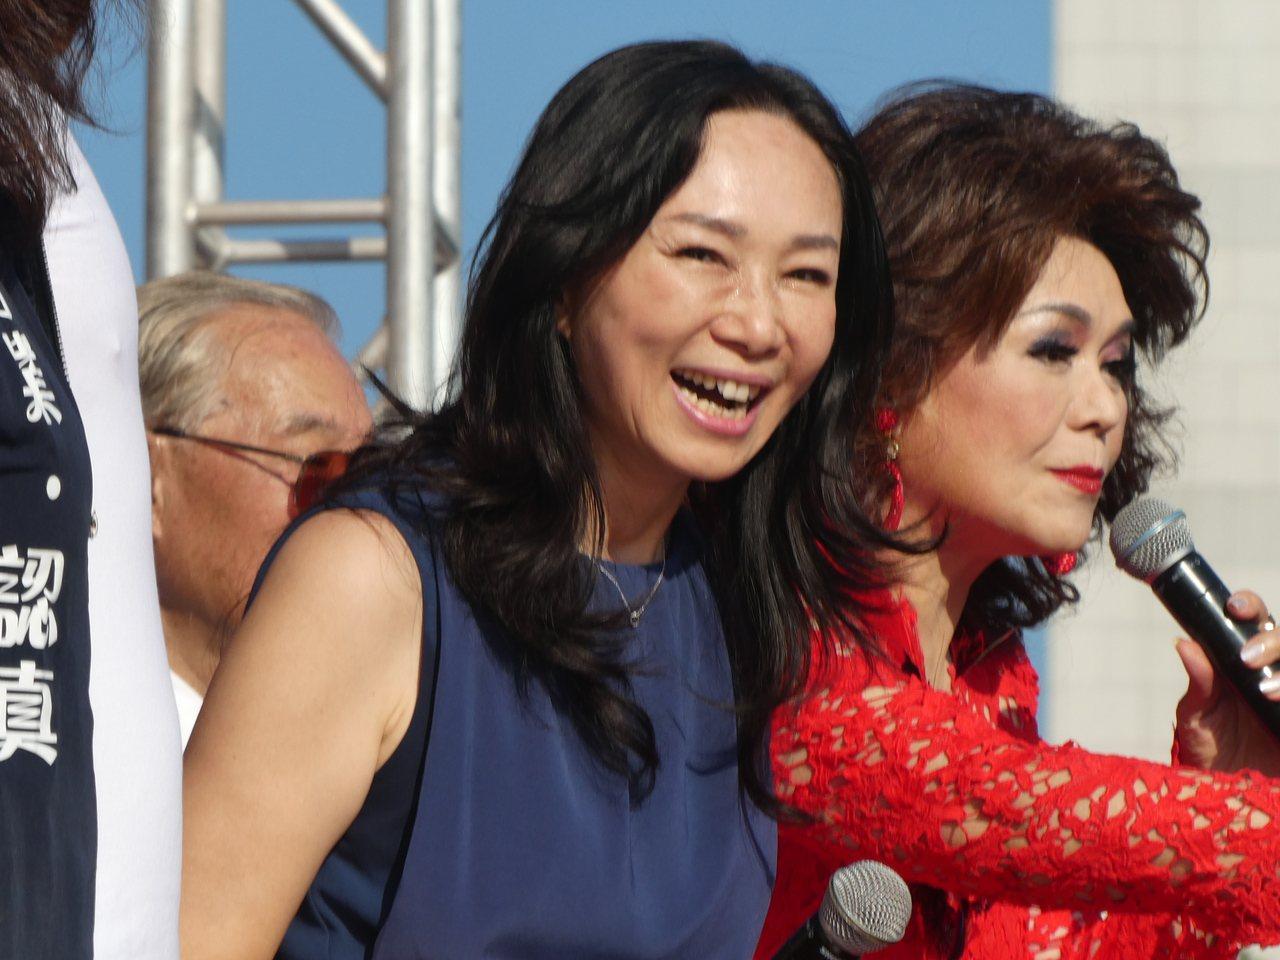 韩国瑜夫人李佳芬(中)。联合报系资料照片/记者周志豪摄影